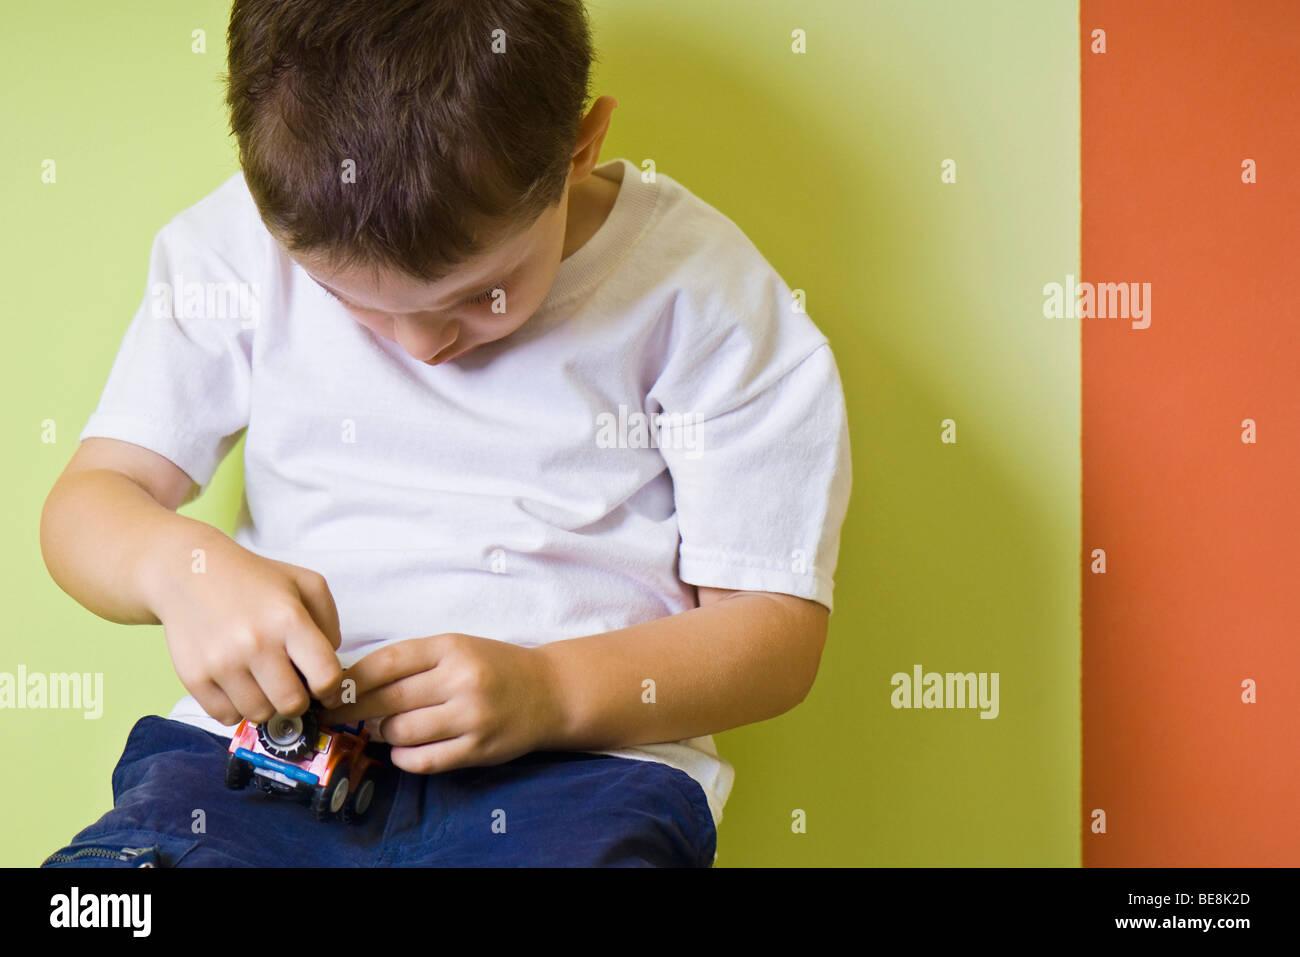 Kleiner Junge spielt mit Spielzeug-Auto Stockbild